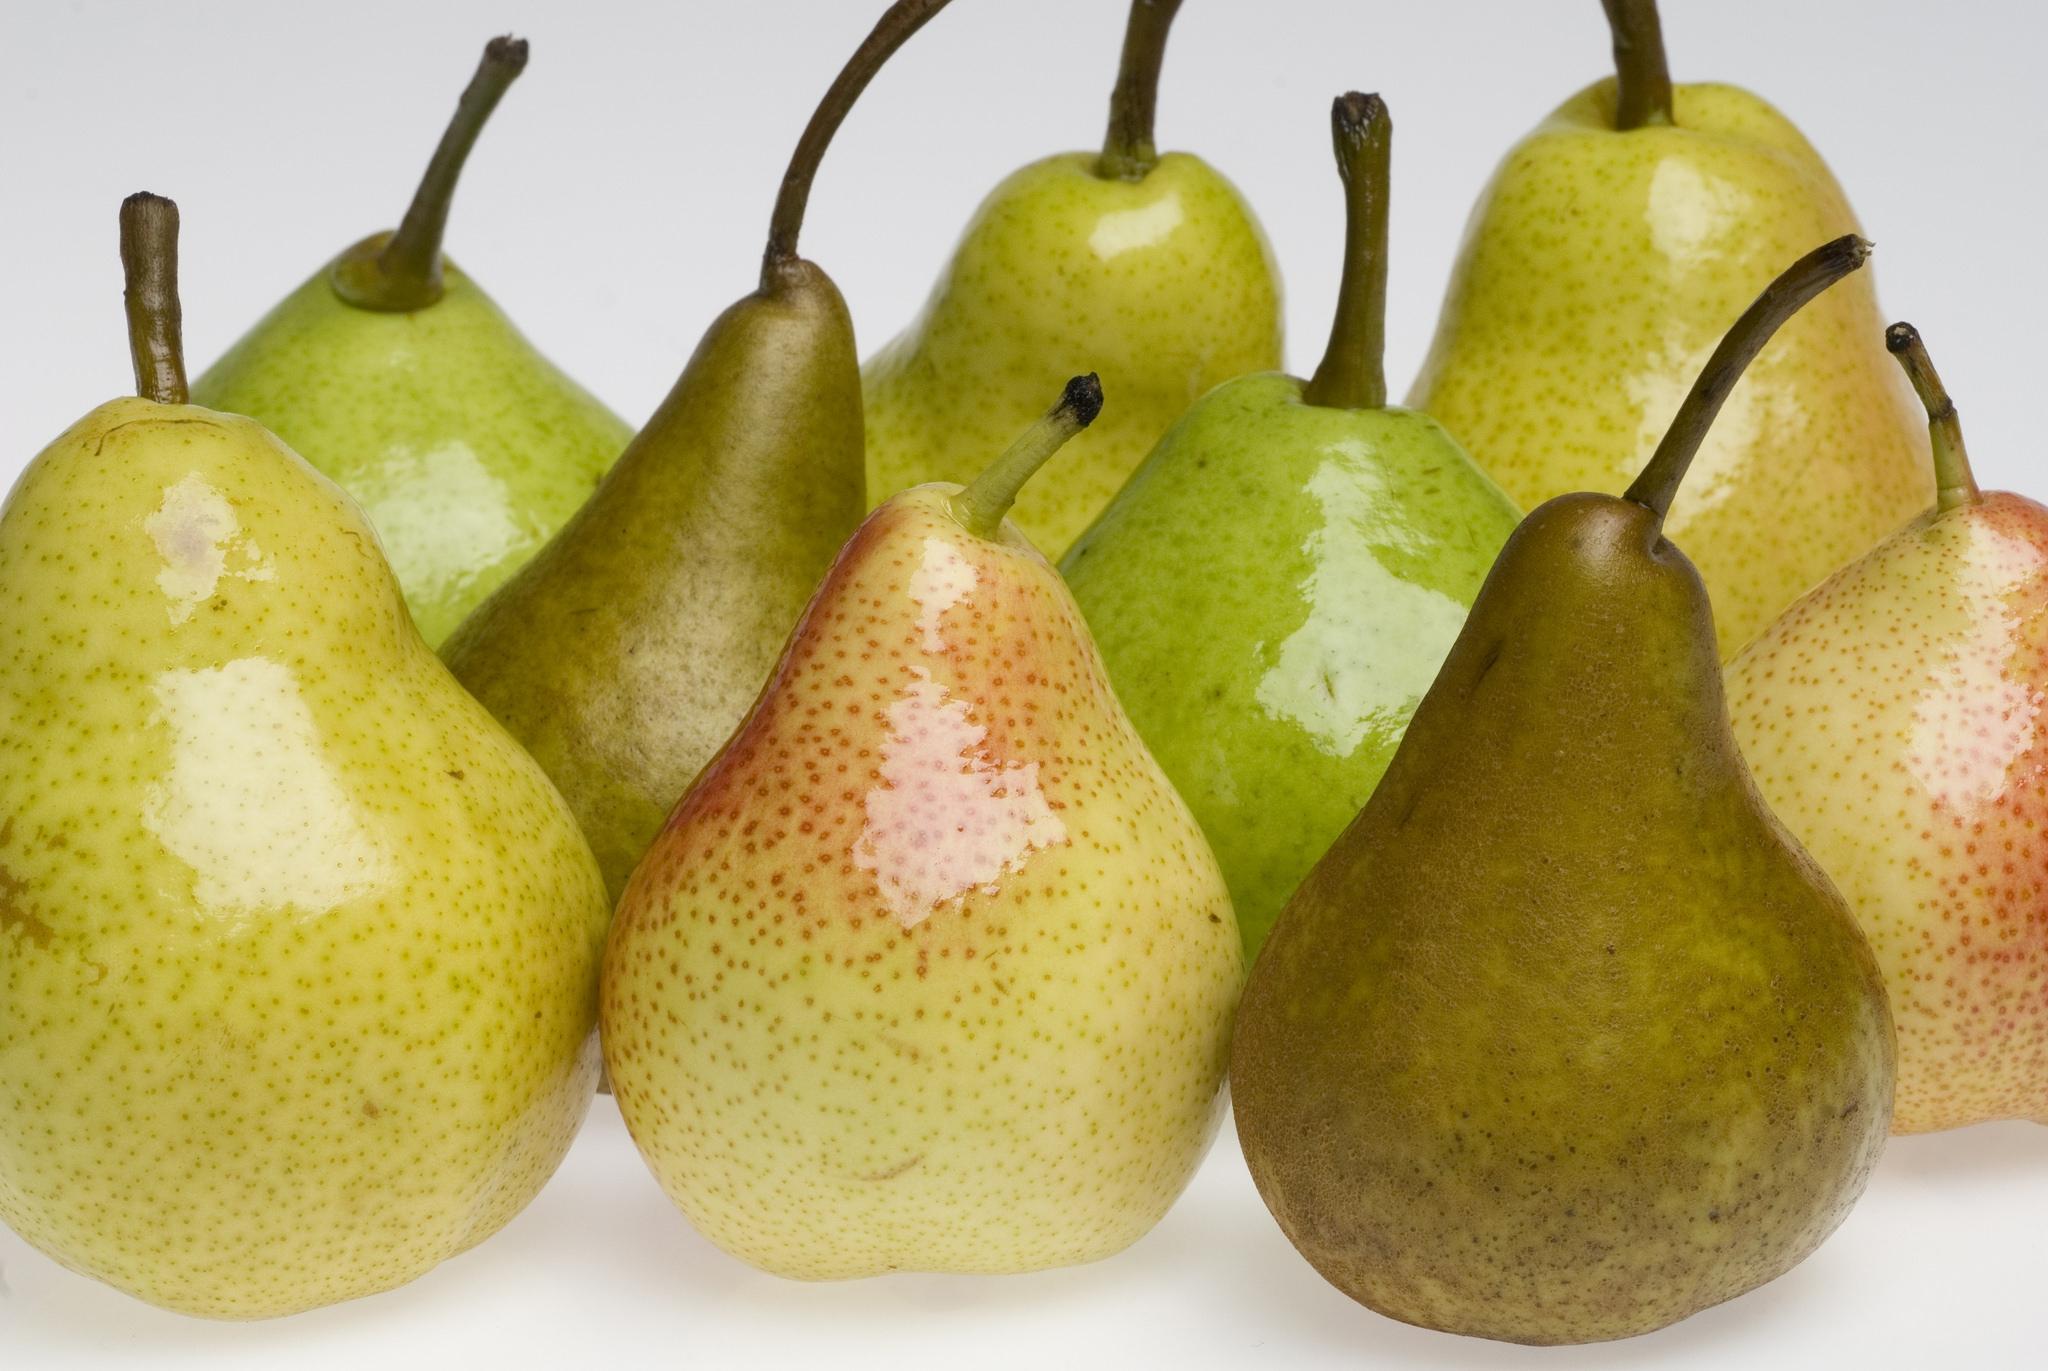 Pear Hd Desktop